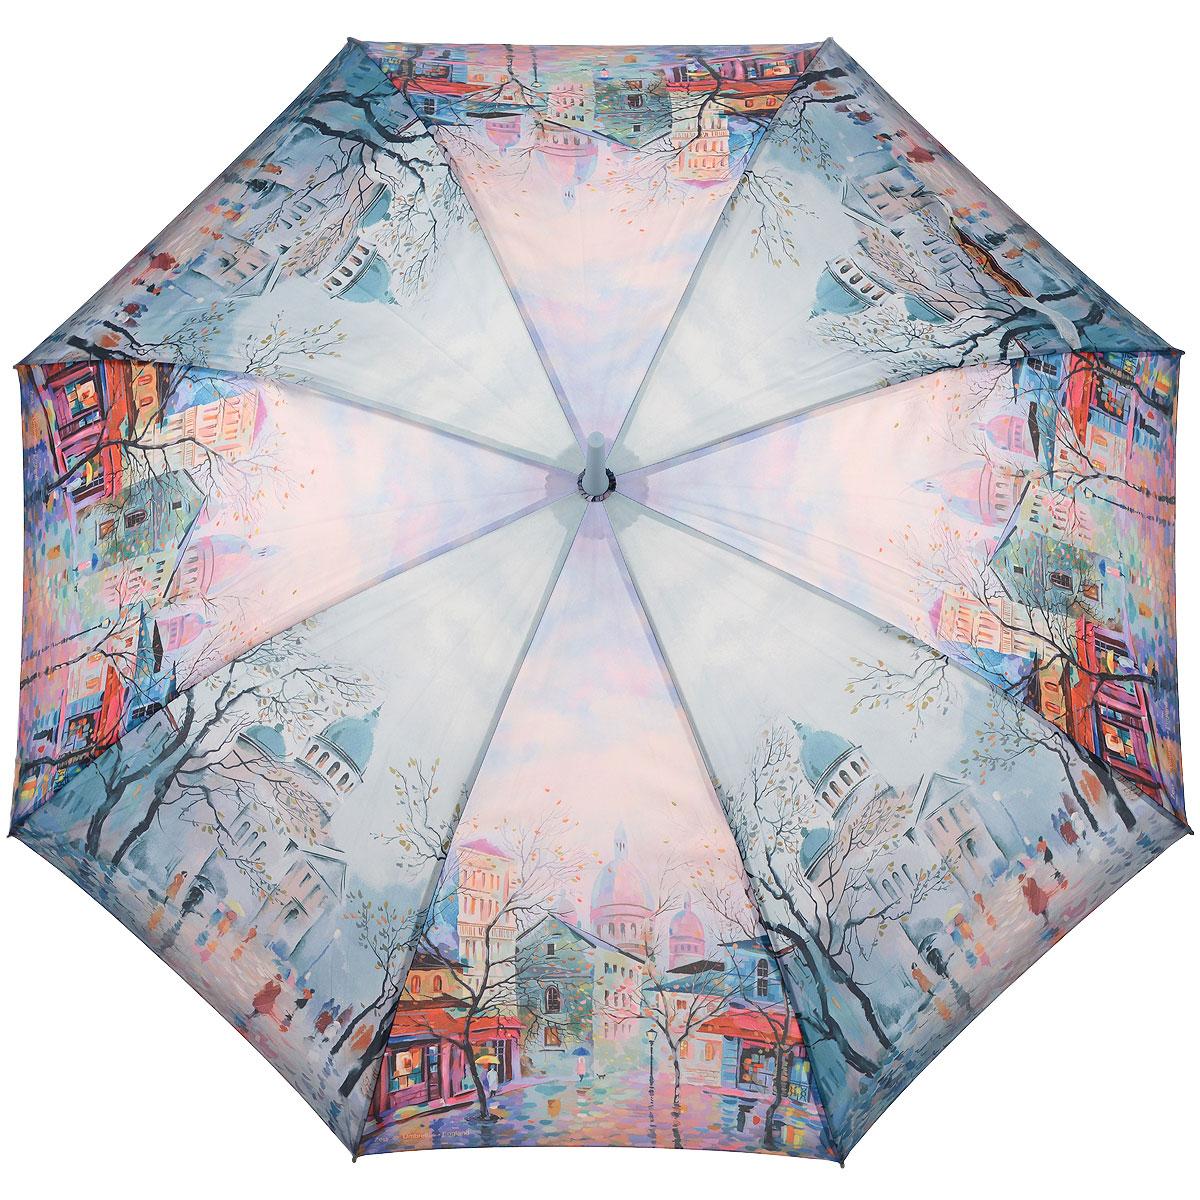 Зонт-трость женский Zest, цвет: голубой. 216255-52216255-52Женский полуавтоматический зонт-трость Zest даже в ненастную погоду позволит вам оставаться стильной и элегантной. Каркас зонта состоит из 8 спиц из фибергласса и прочного стержня из пластика. Специальная система Windproof защищает его от поломок во время сильных порывов ветра. Купол зонта выполнен из прочного полиэстера с водоотталкивающей пропиткой и оформлен изображением городского пейзажа. Используемые высококачественные красители, а также покрытие Teflon обеспечивают длительное сохранение свойств ткани купола. Рукоятка закругленной формы, разработанная с учетом требований эргономики, выполнена из приятного на ощупь прорезиненного пластика голубого цвета. Зонт имеет полуавтоматический механизм сложения: купол открывается нажатием на кнопку и закрывается вручную до характерного щелчка. Такой зонт не только надежно защитит вас от дождя, но и станет стильным аксессуаром, который идеально подчеркнет ваш неповторимый образ.